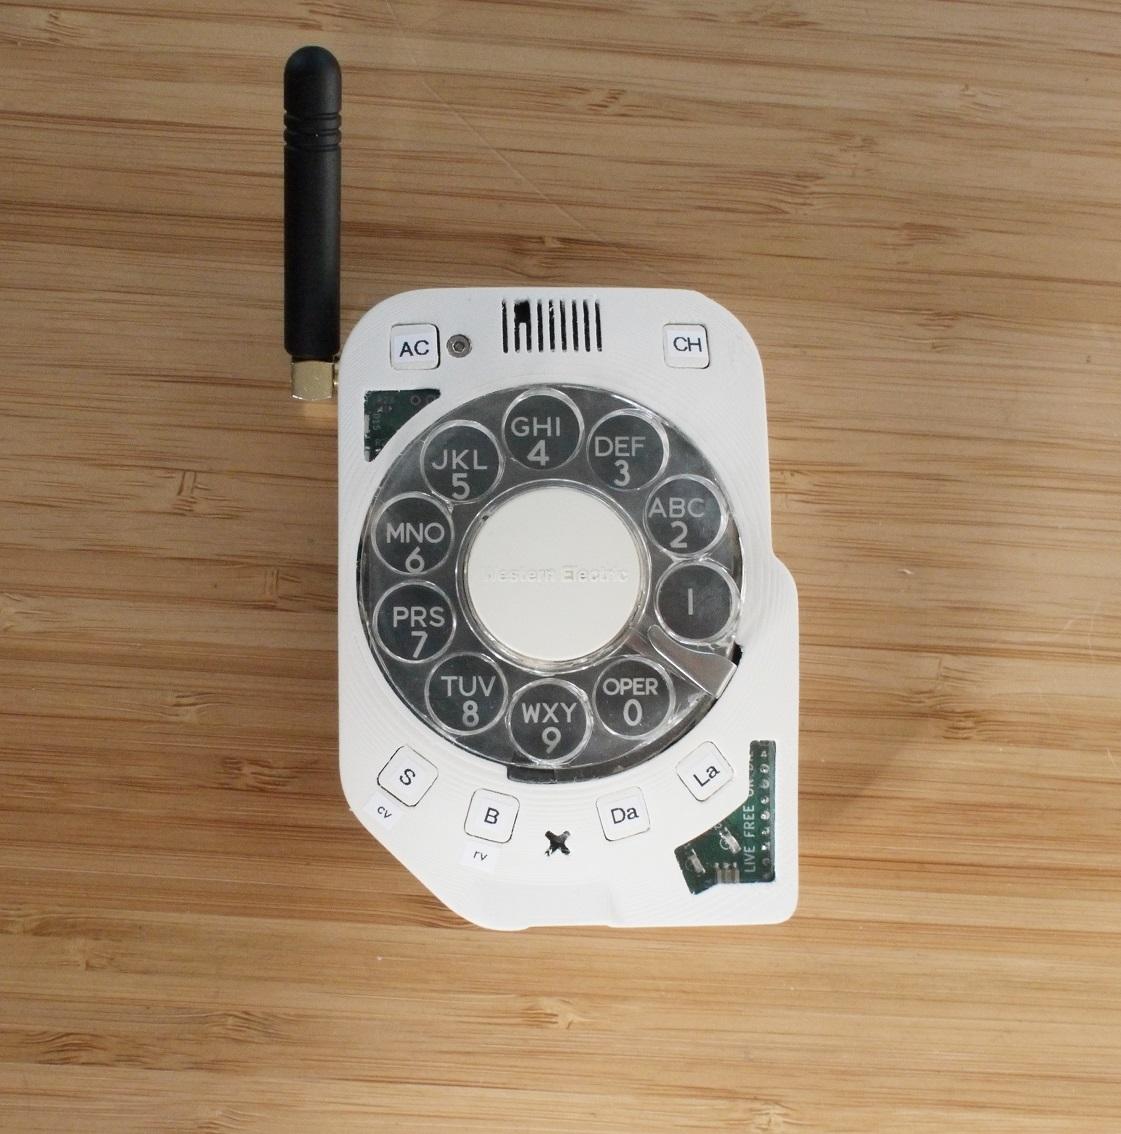 Điện thoại thông minh đầu tiên thế giới dùng cơ cấu quay số